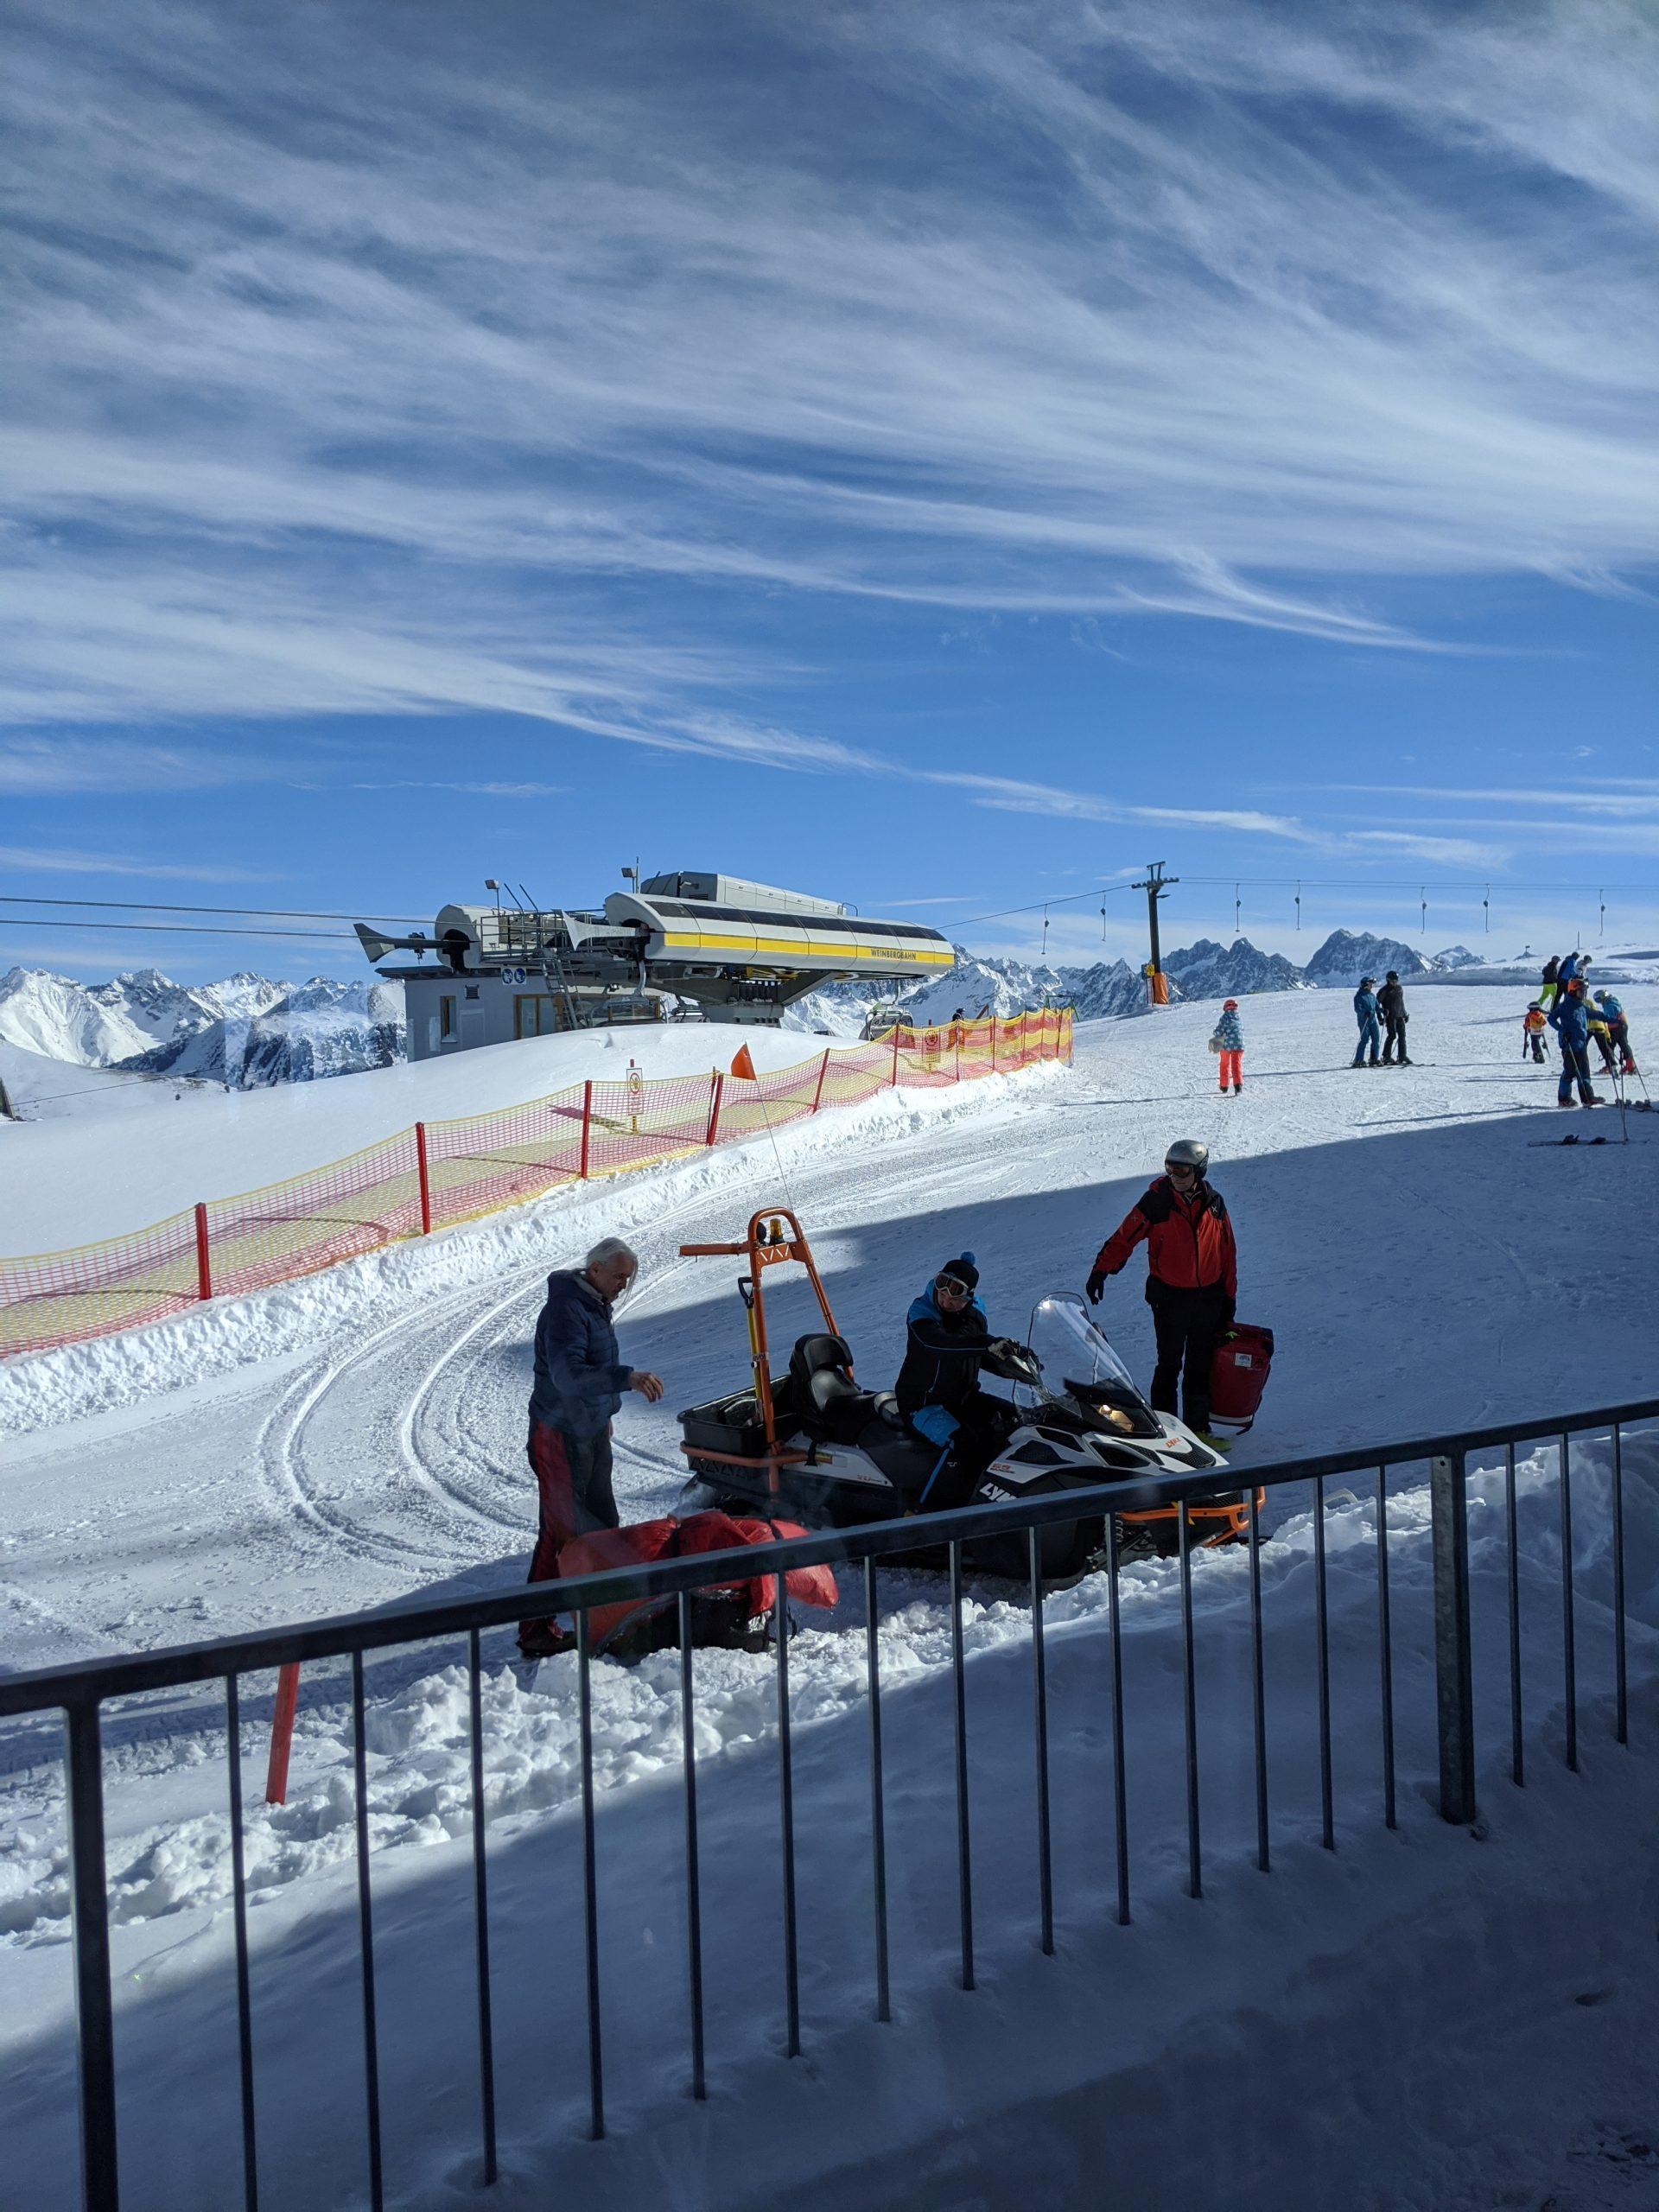 Skirecht: Richtlinien für Motorschlitten auf der Piste